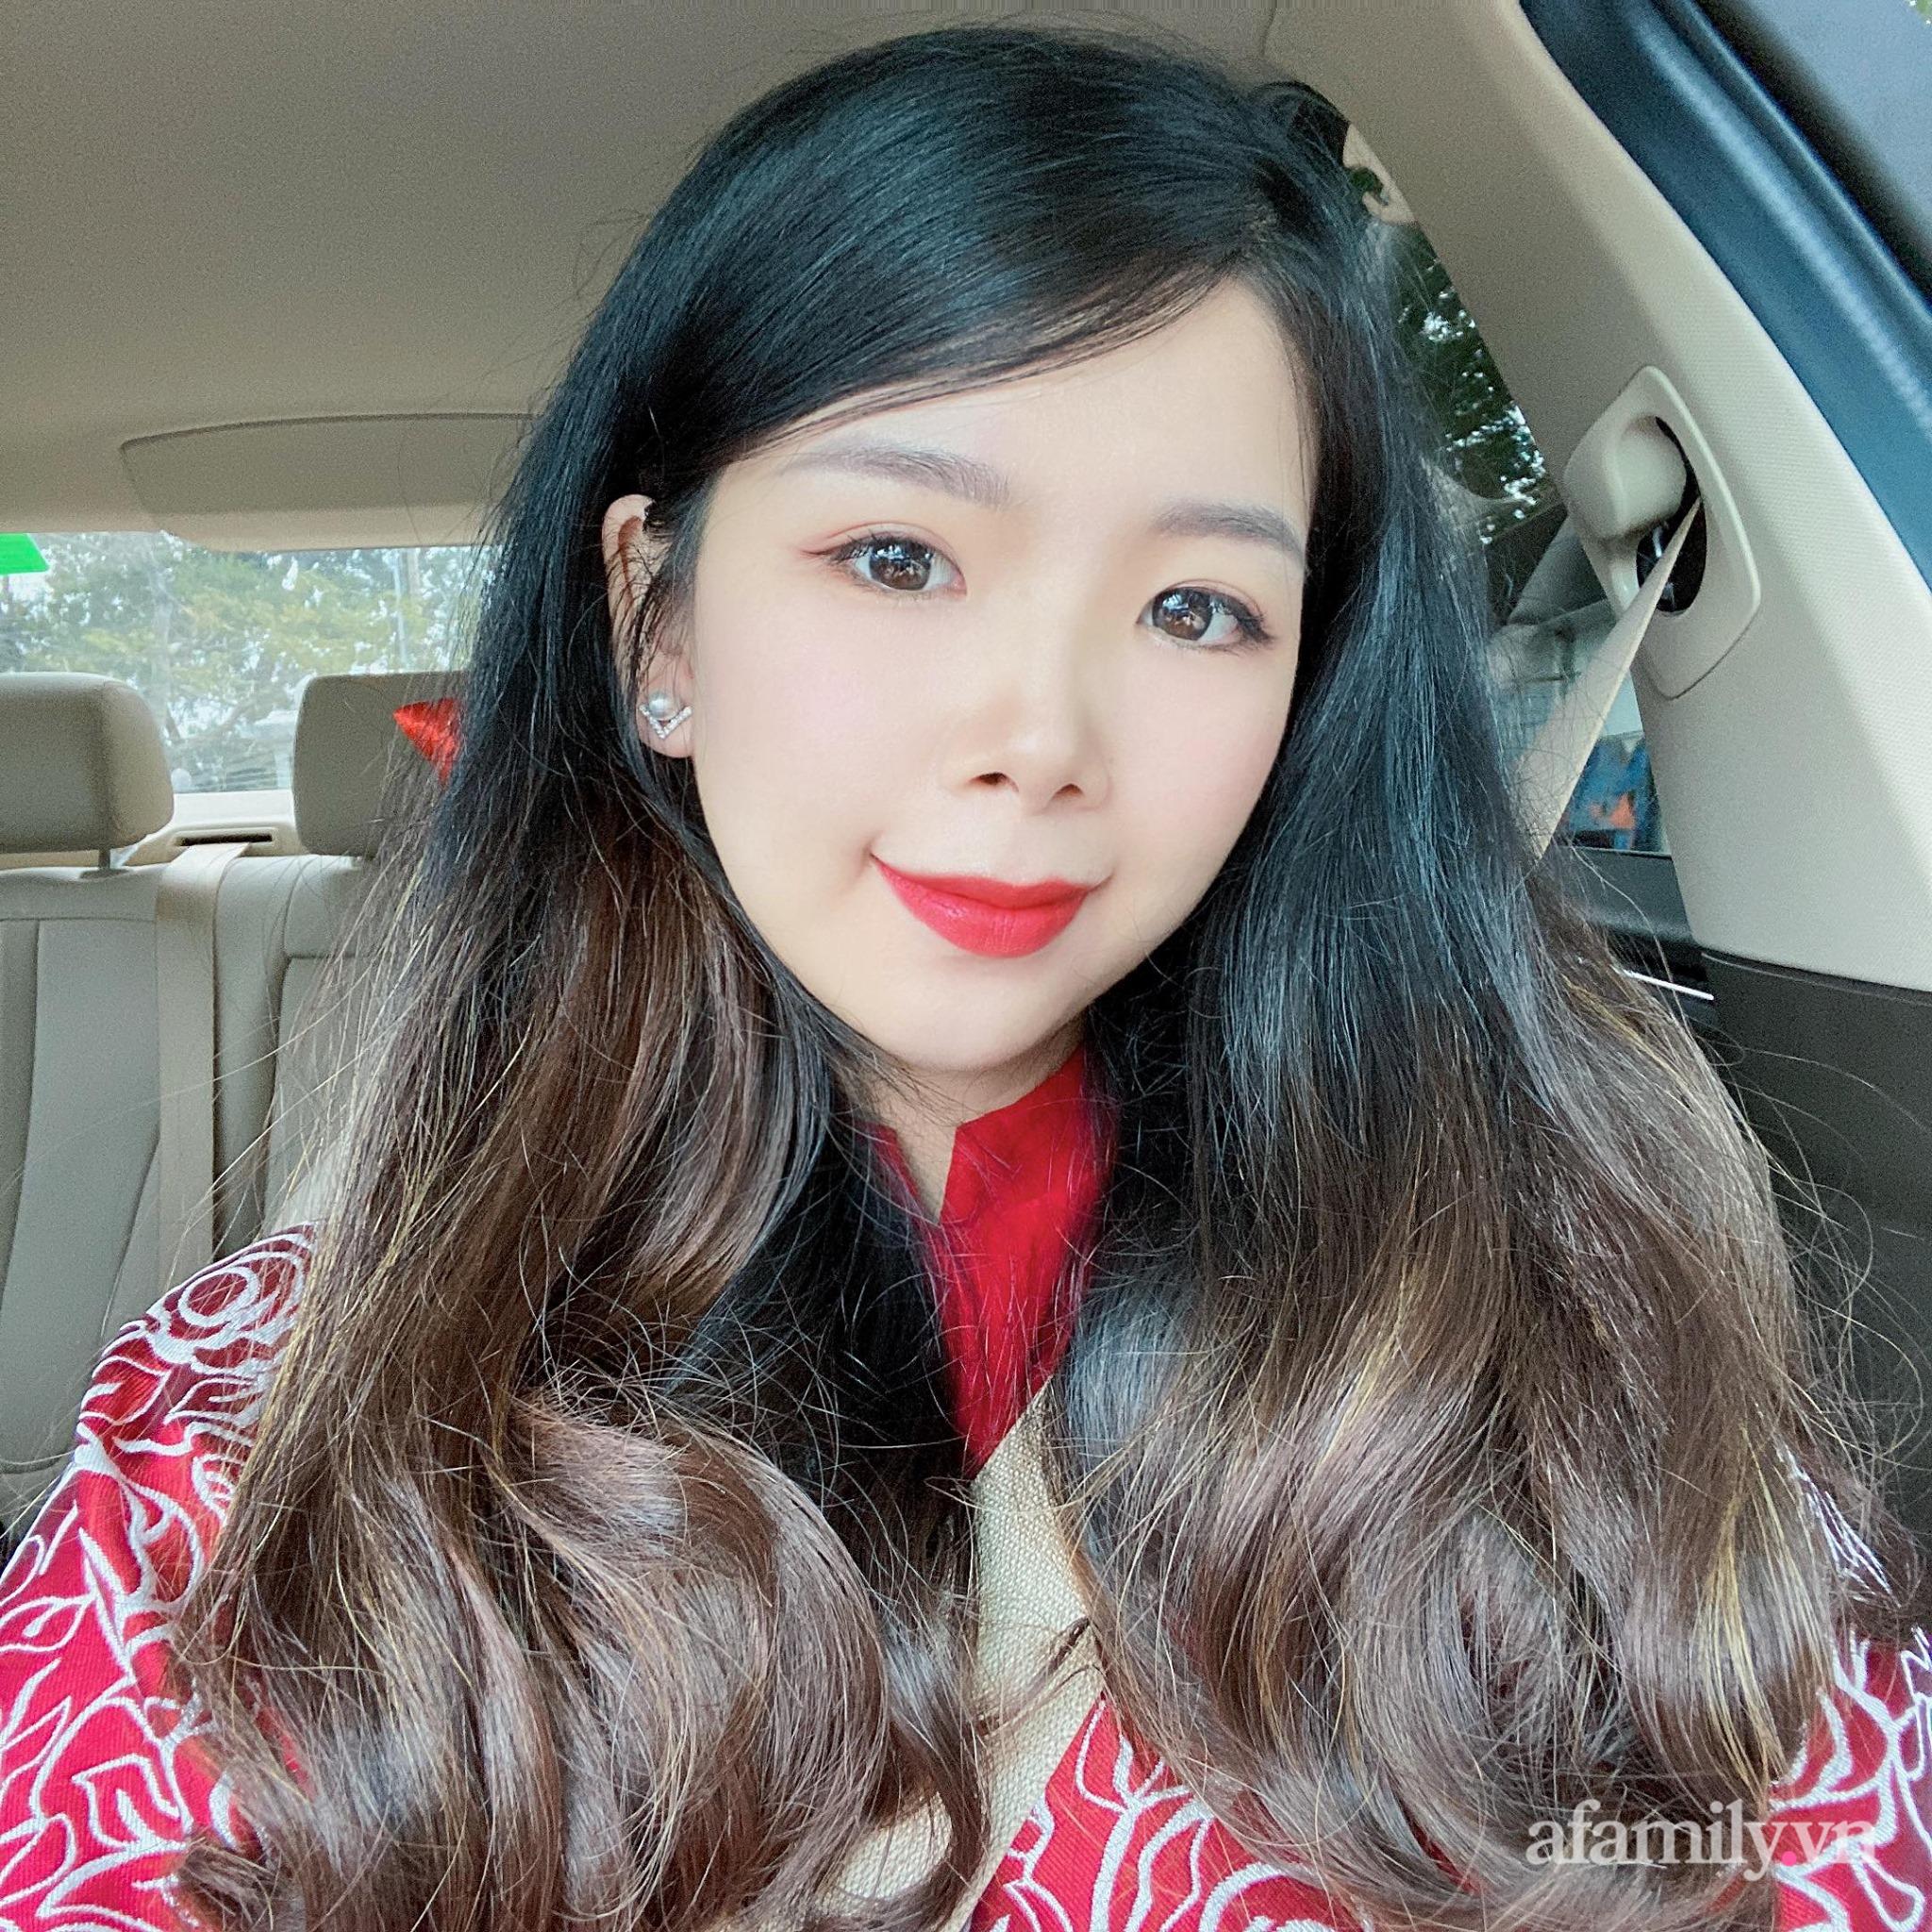 """""""Kinh"""" qua tới 7 loại tampon khác nhau, cô gái Hà Nội chia sẻ ưu và nhược điểm từng loại cho chị em """"lần đầu"""" biết mà chọn - Ảnh 2."""